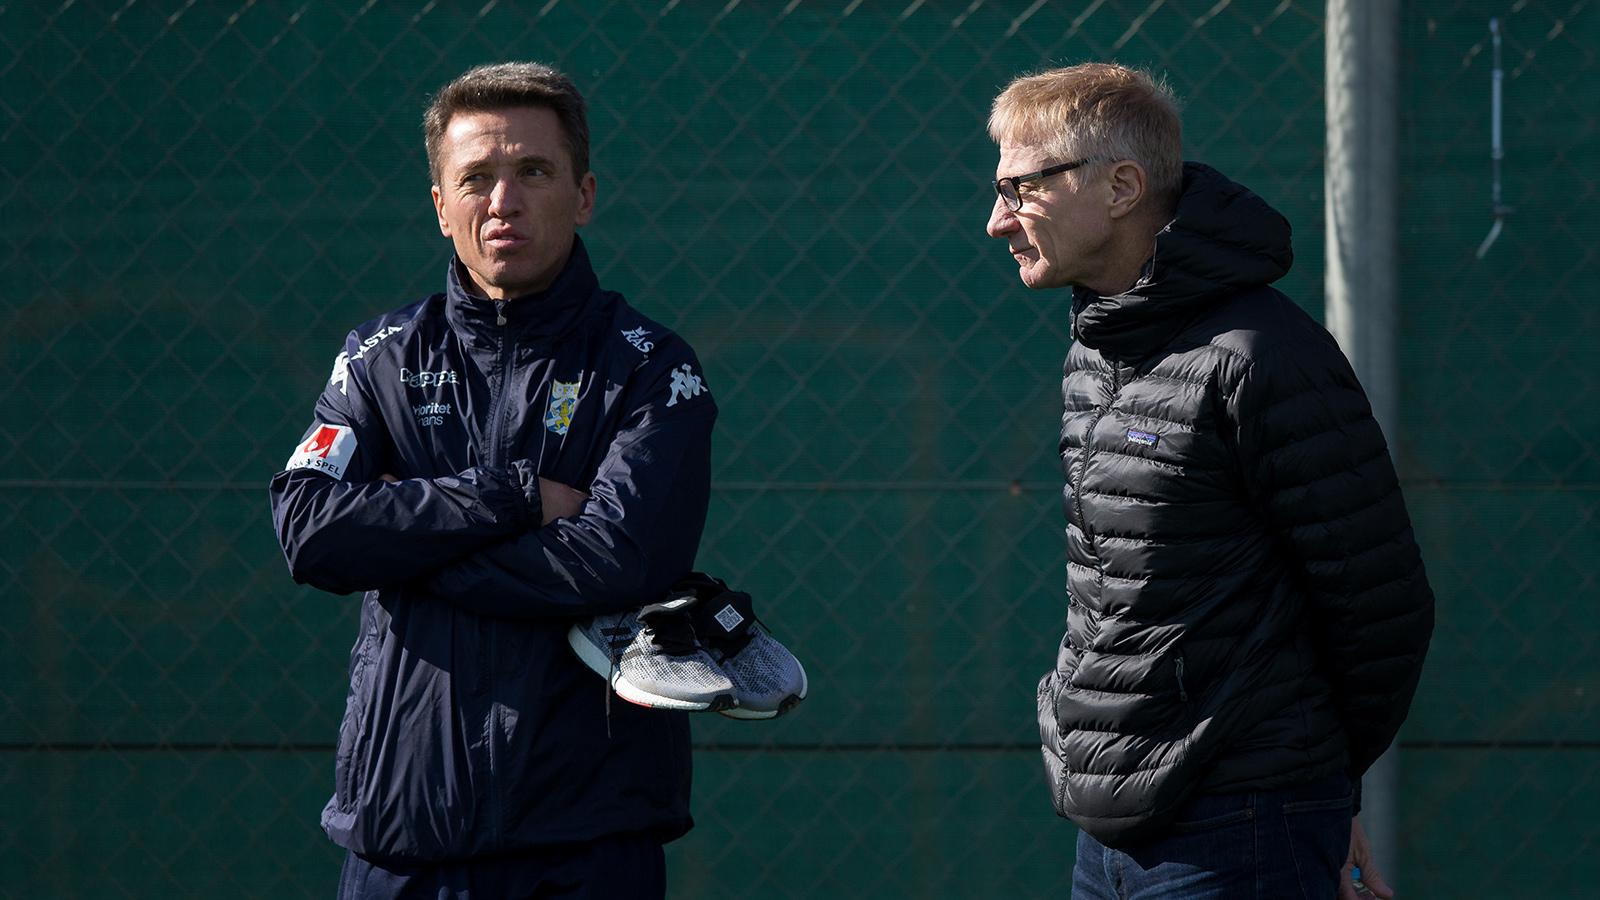 180206 IFK Göteborgs sportchef Mats Gren och chefsscout Olle Sultan under en träning med IFK Göteborg den 6 februari 2018 i Pinatar Football Center.